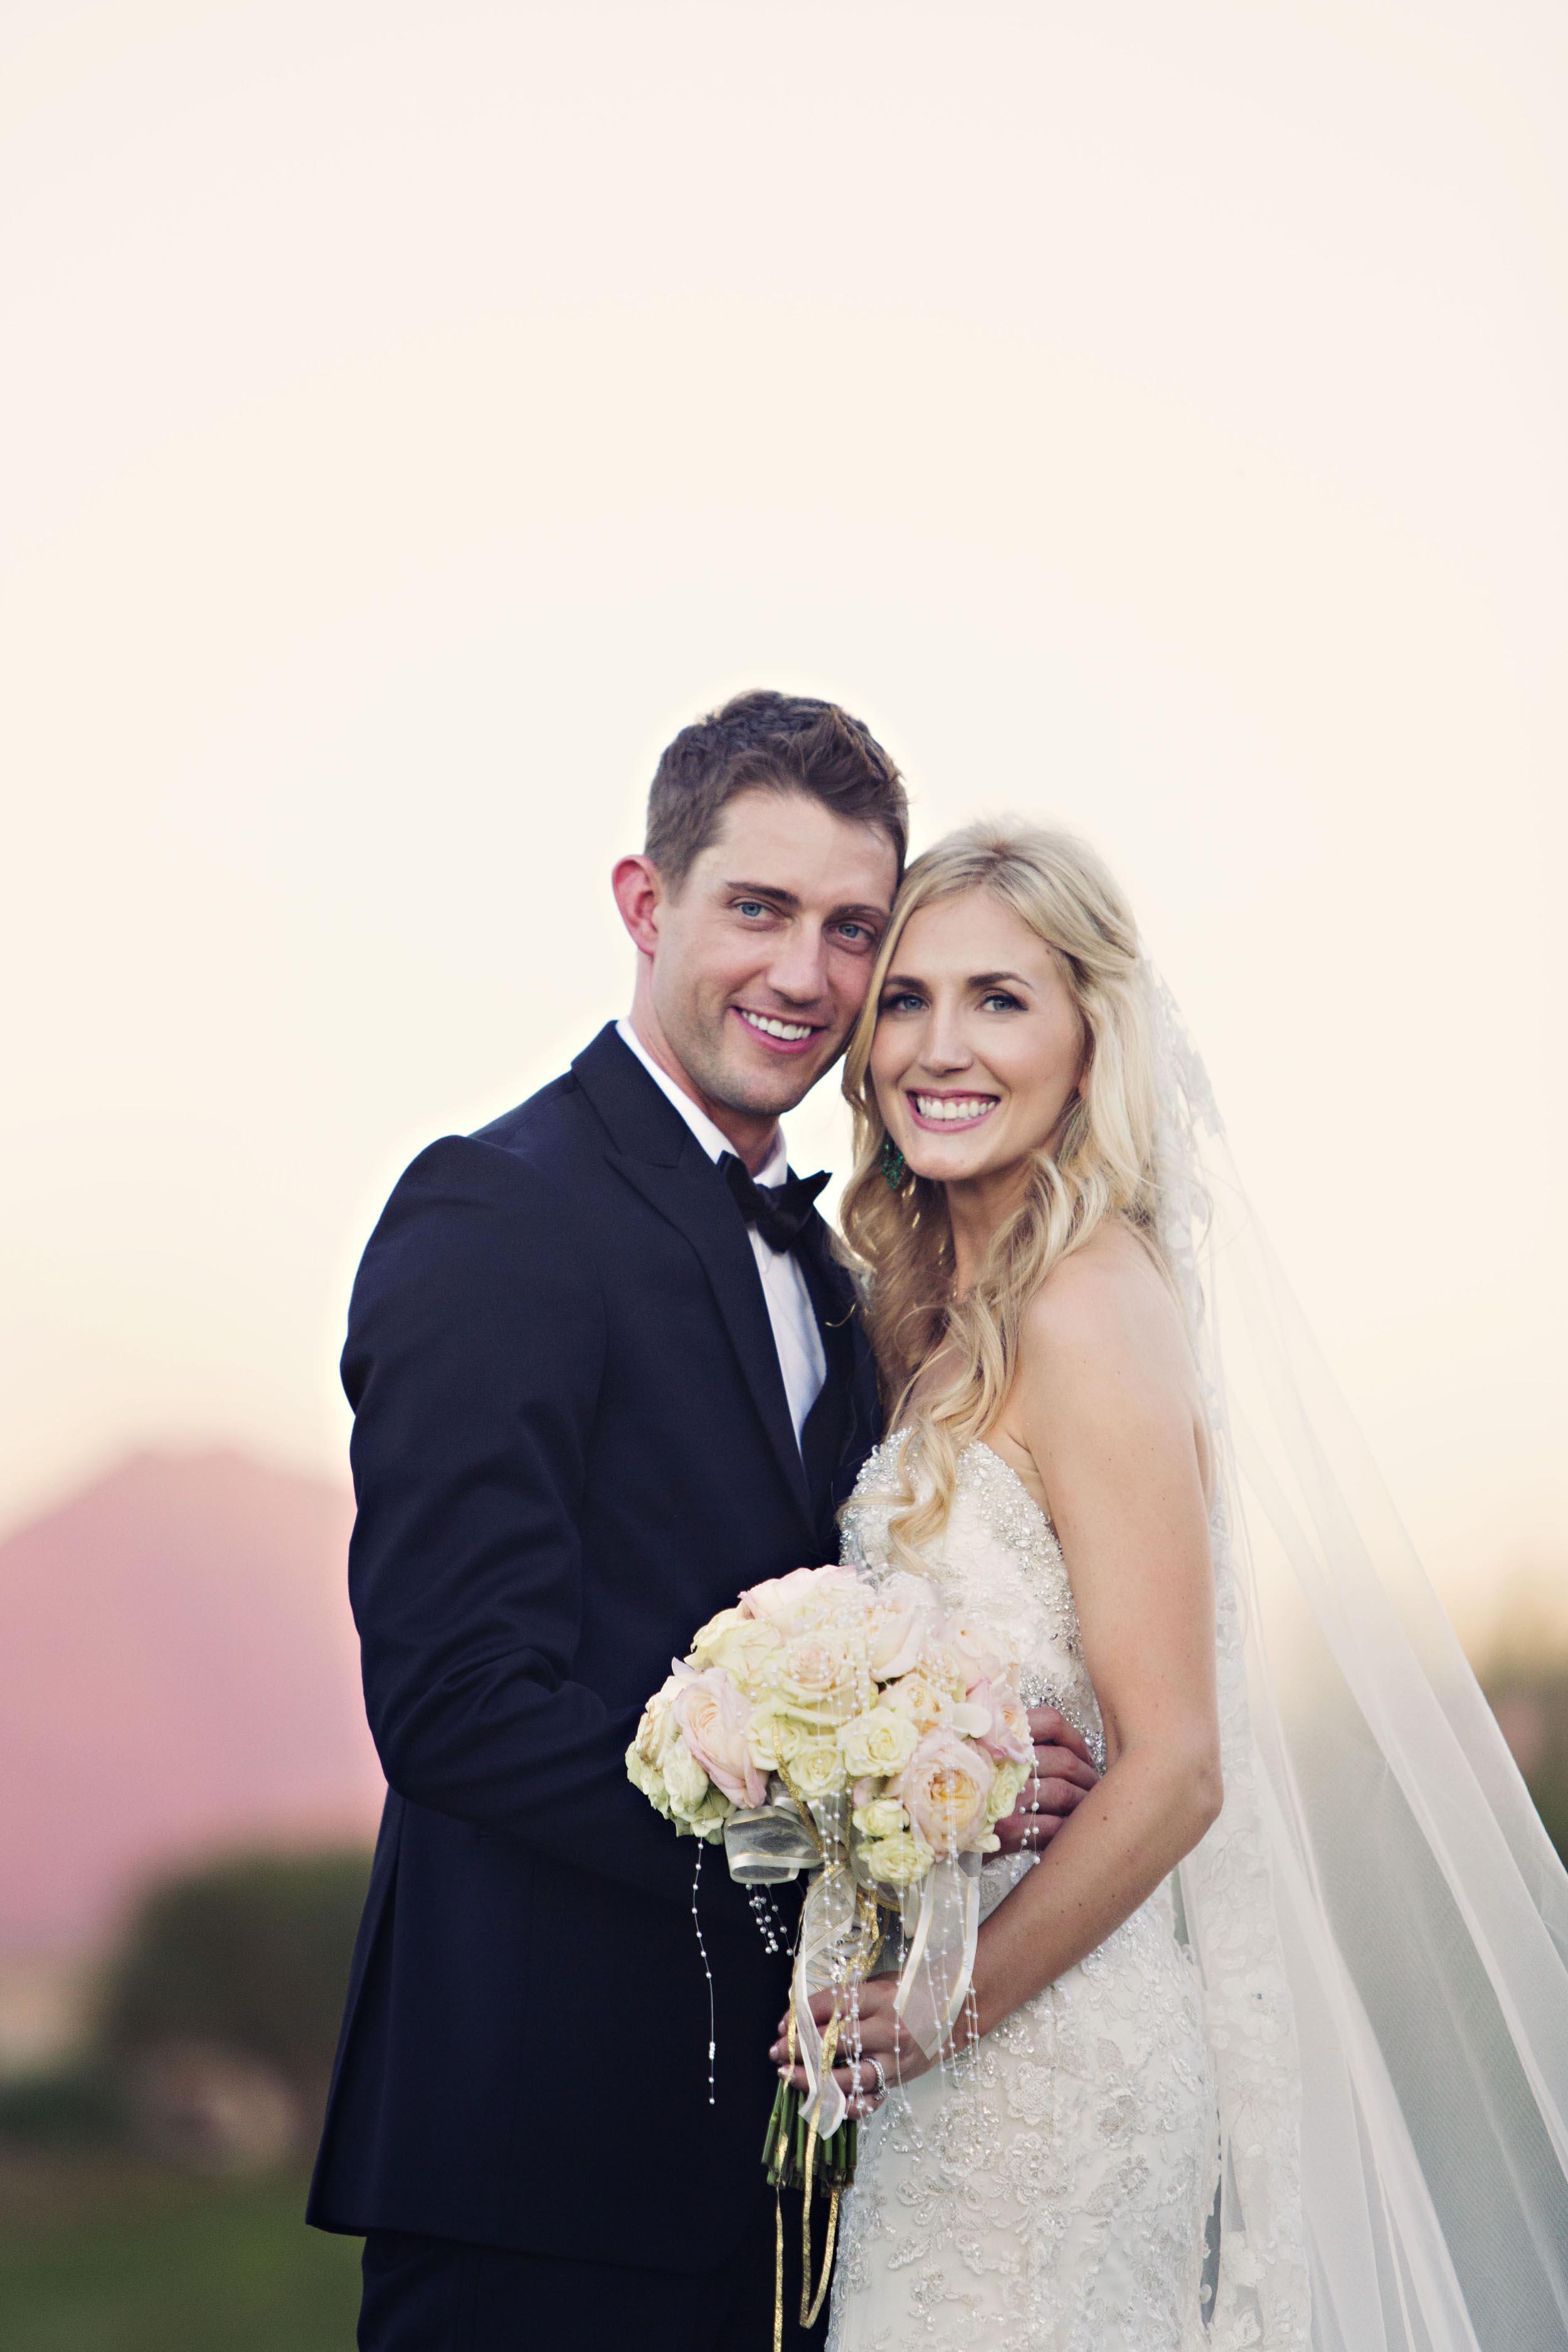 weddings-scottsdale-22.JPG